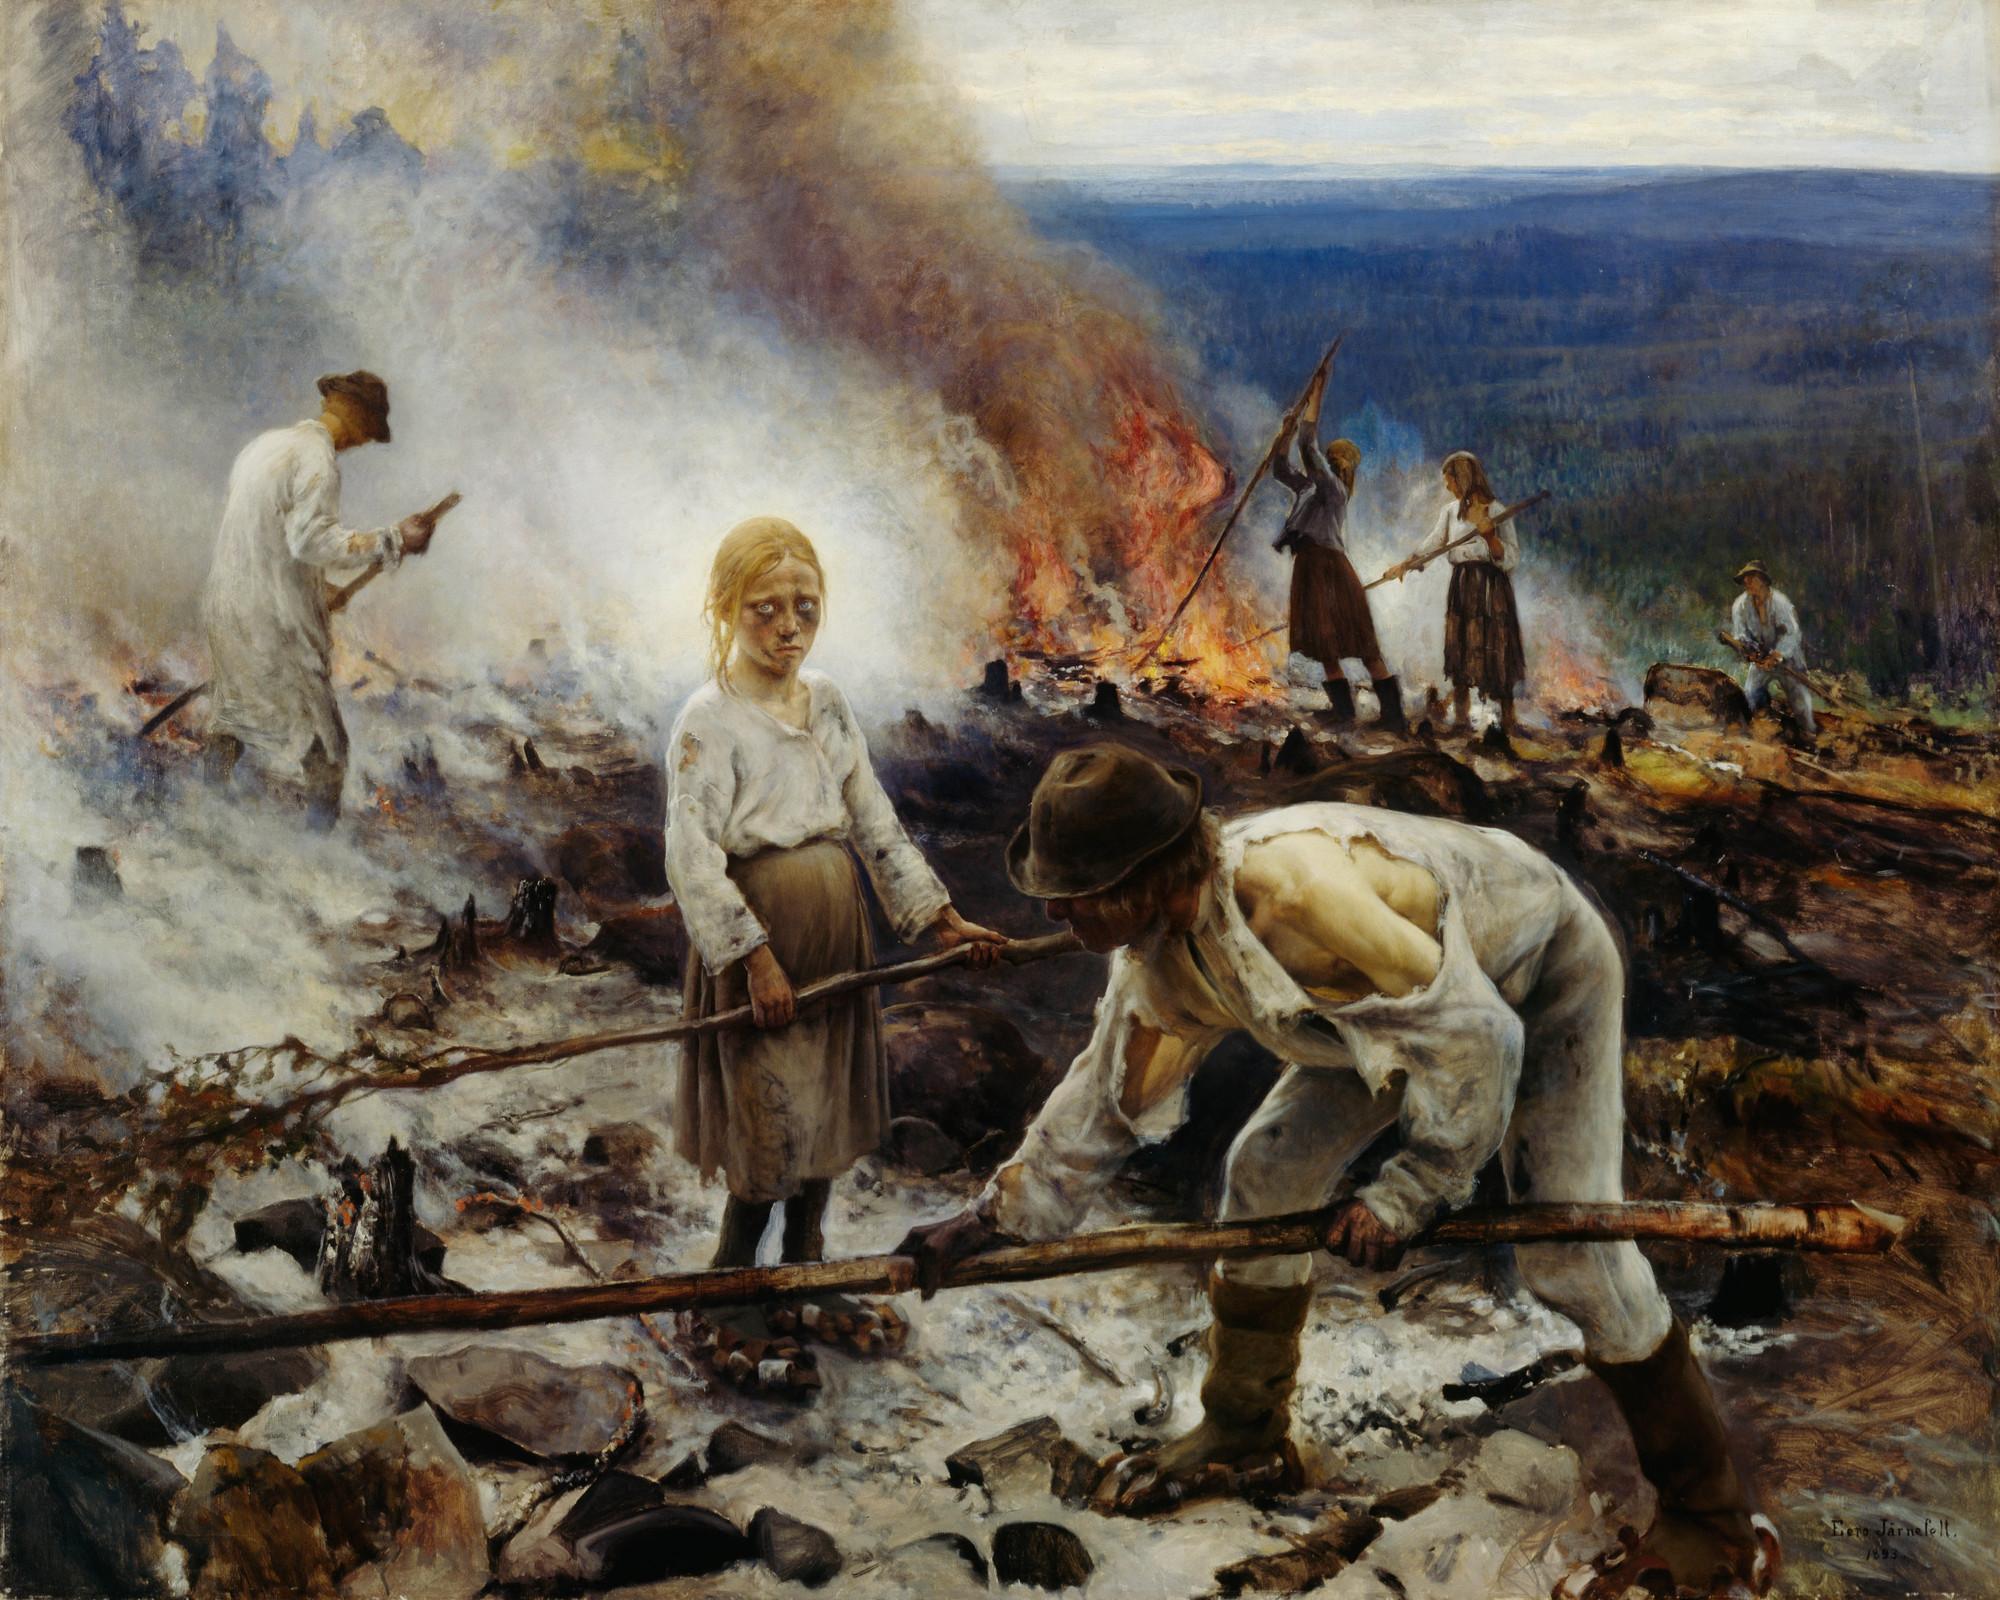 Sodan käänne Hämeessä ja miten taistelut etenivät?